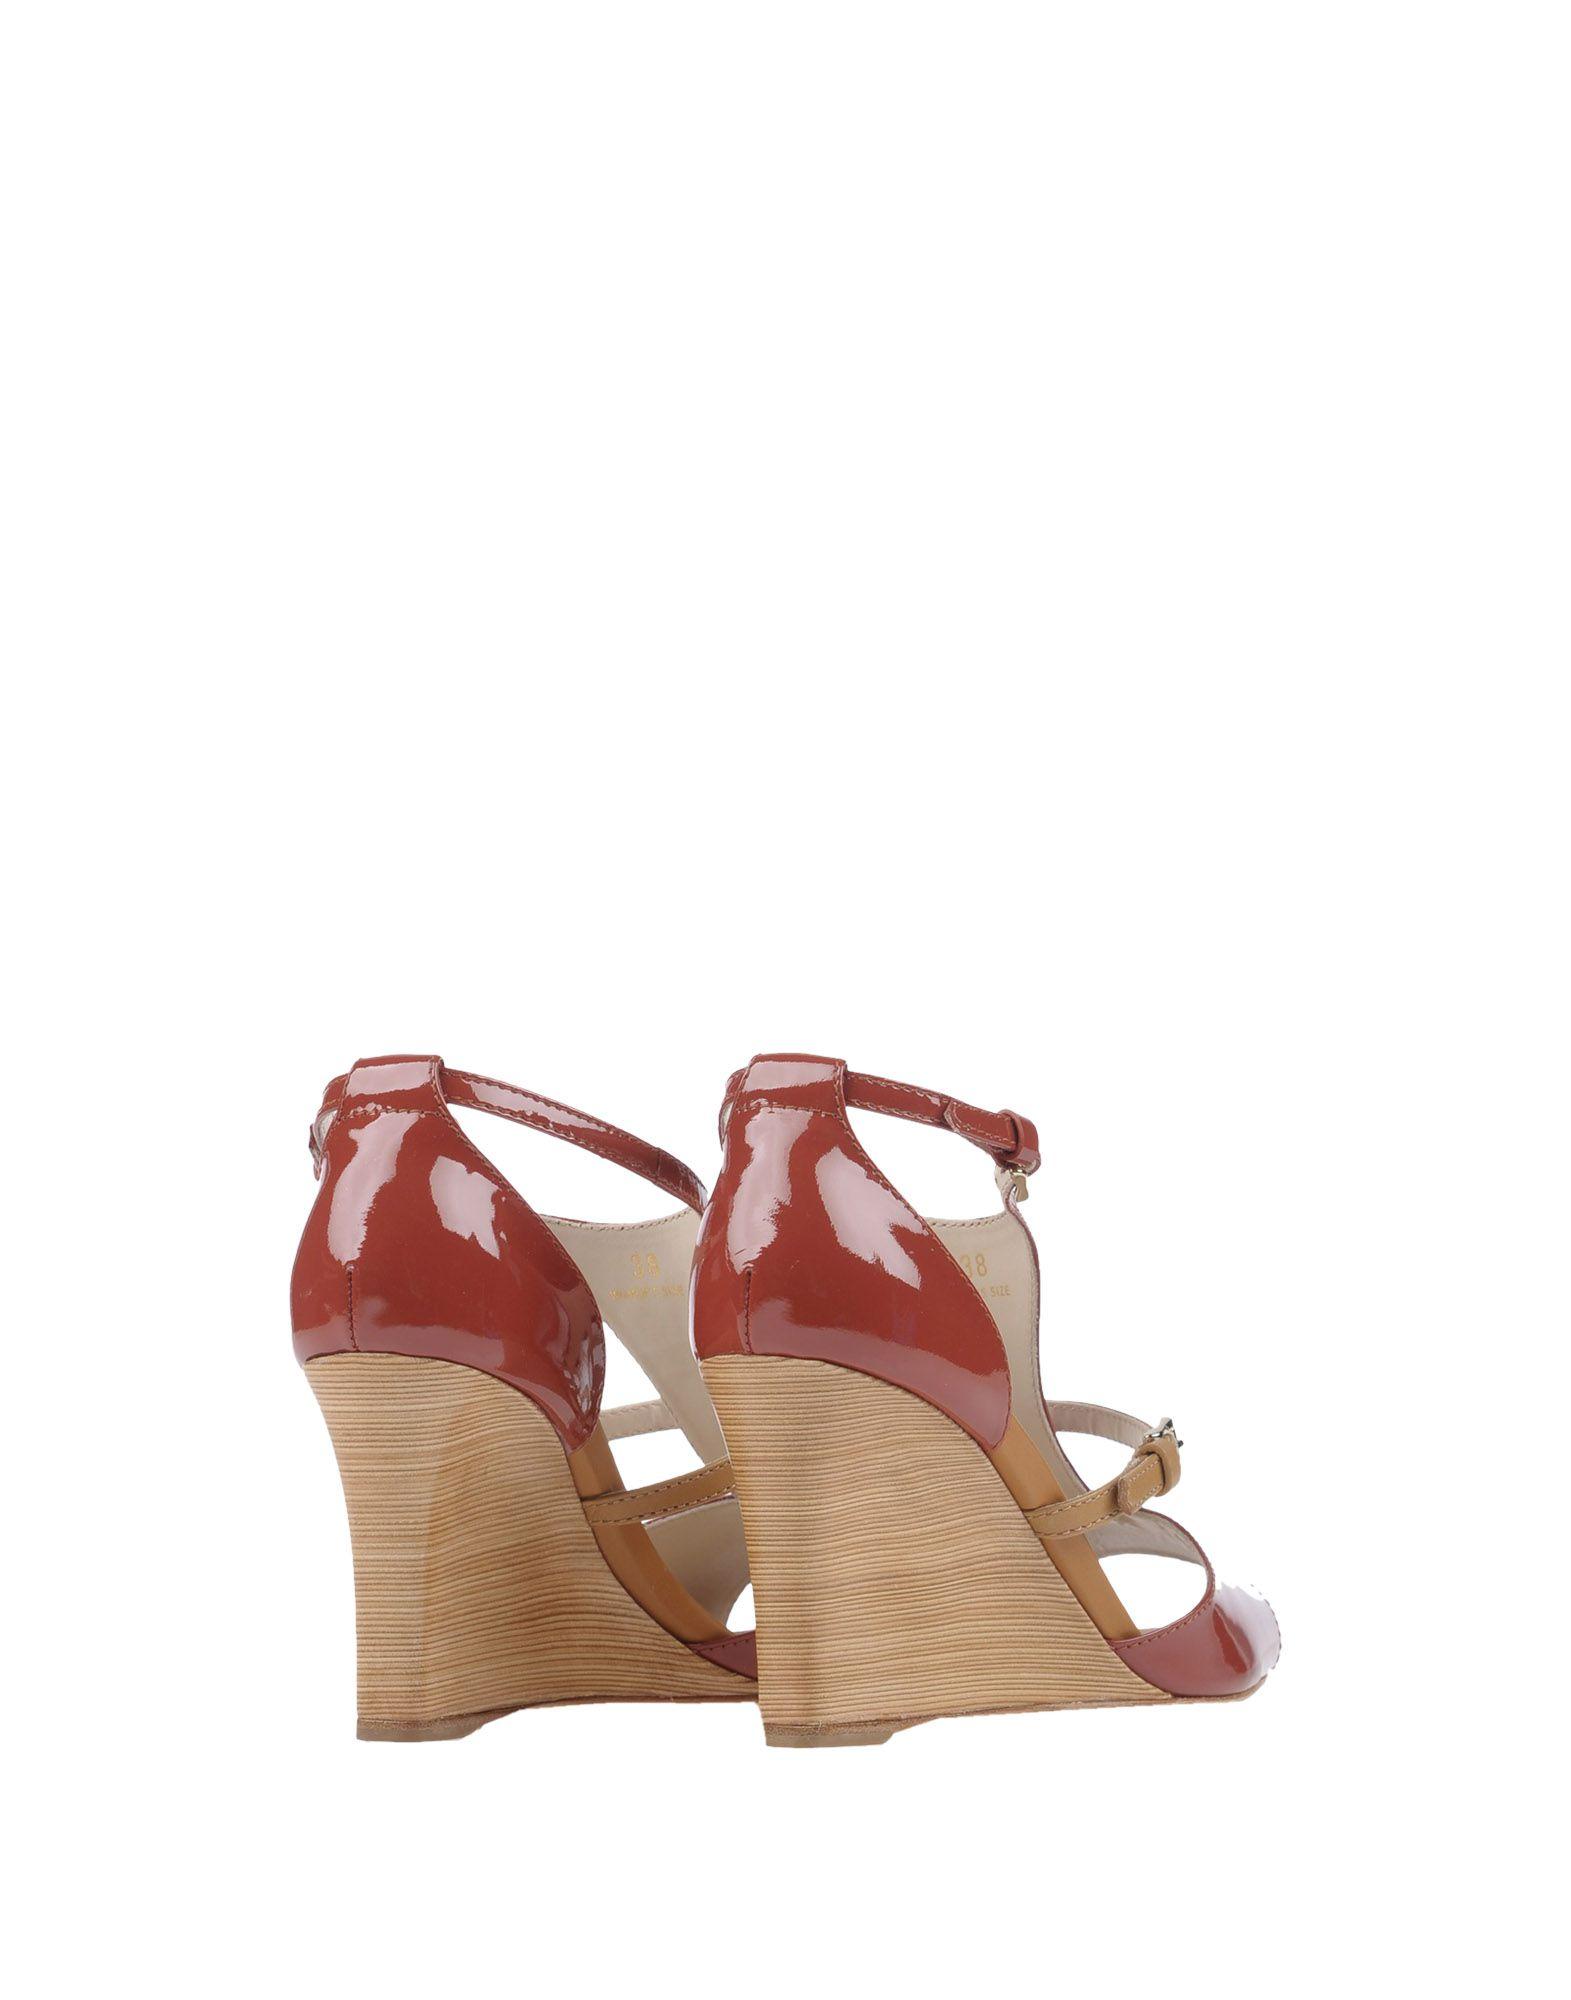 Sandales Tods Femme - Sandales Tods sur